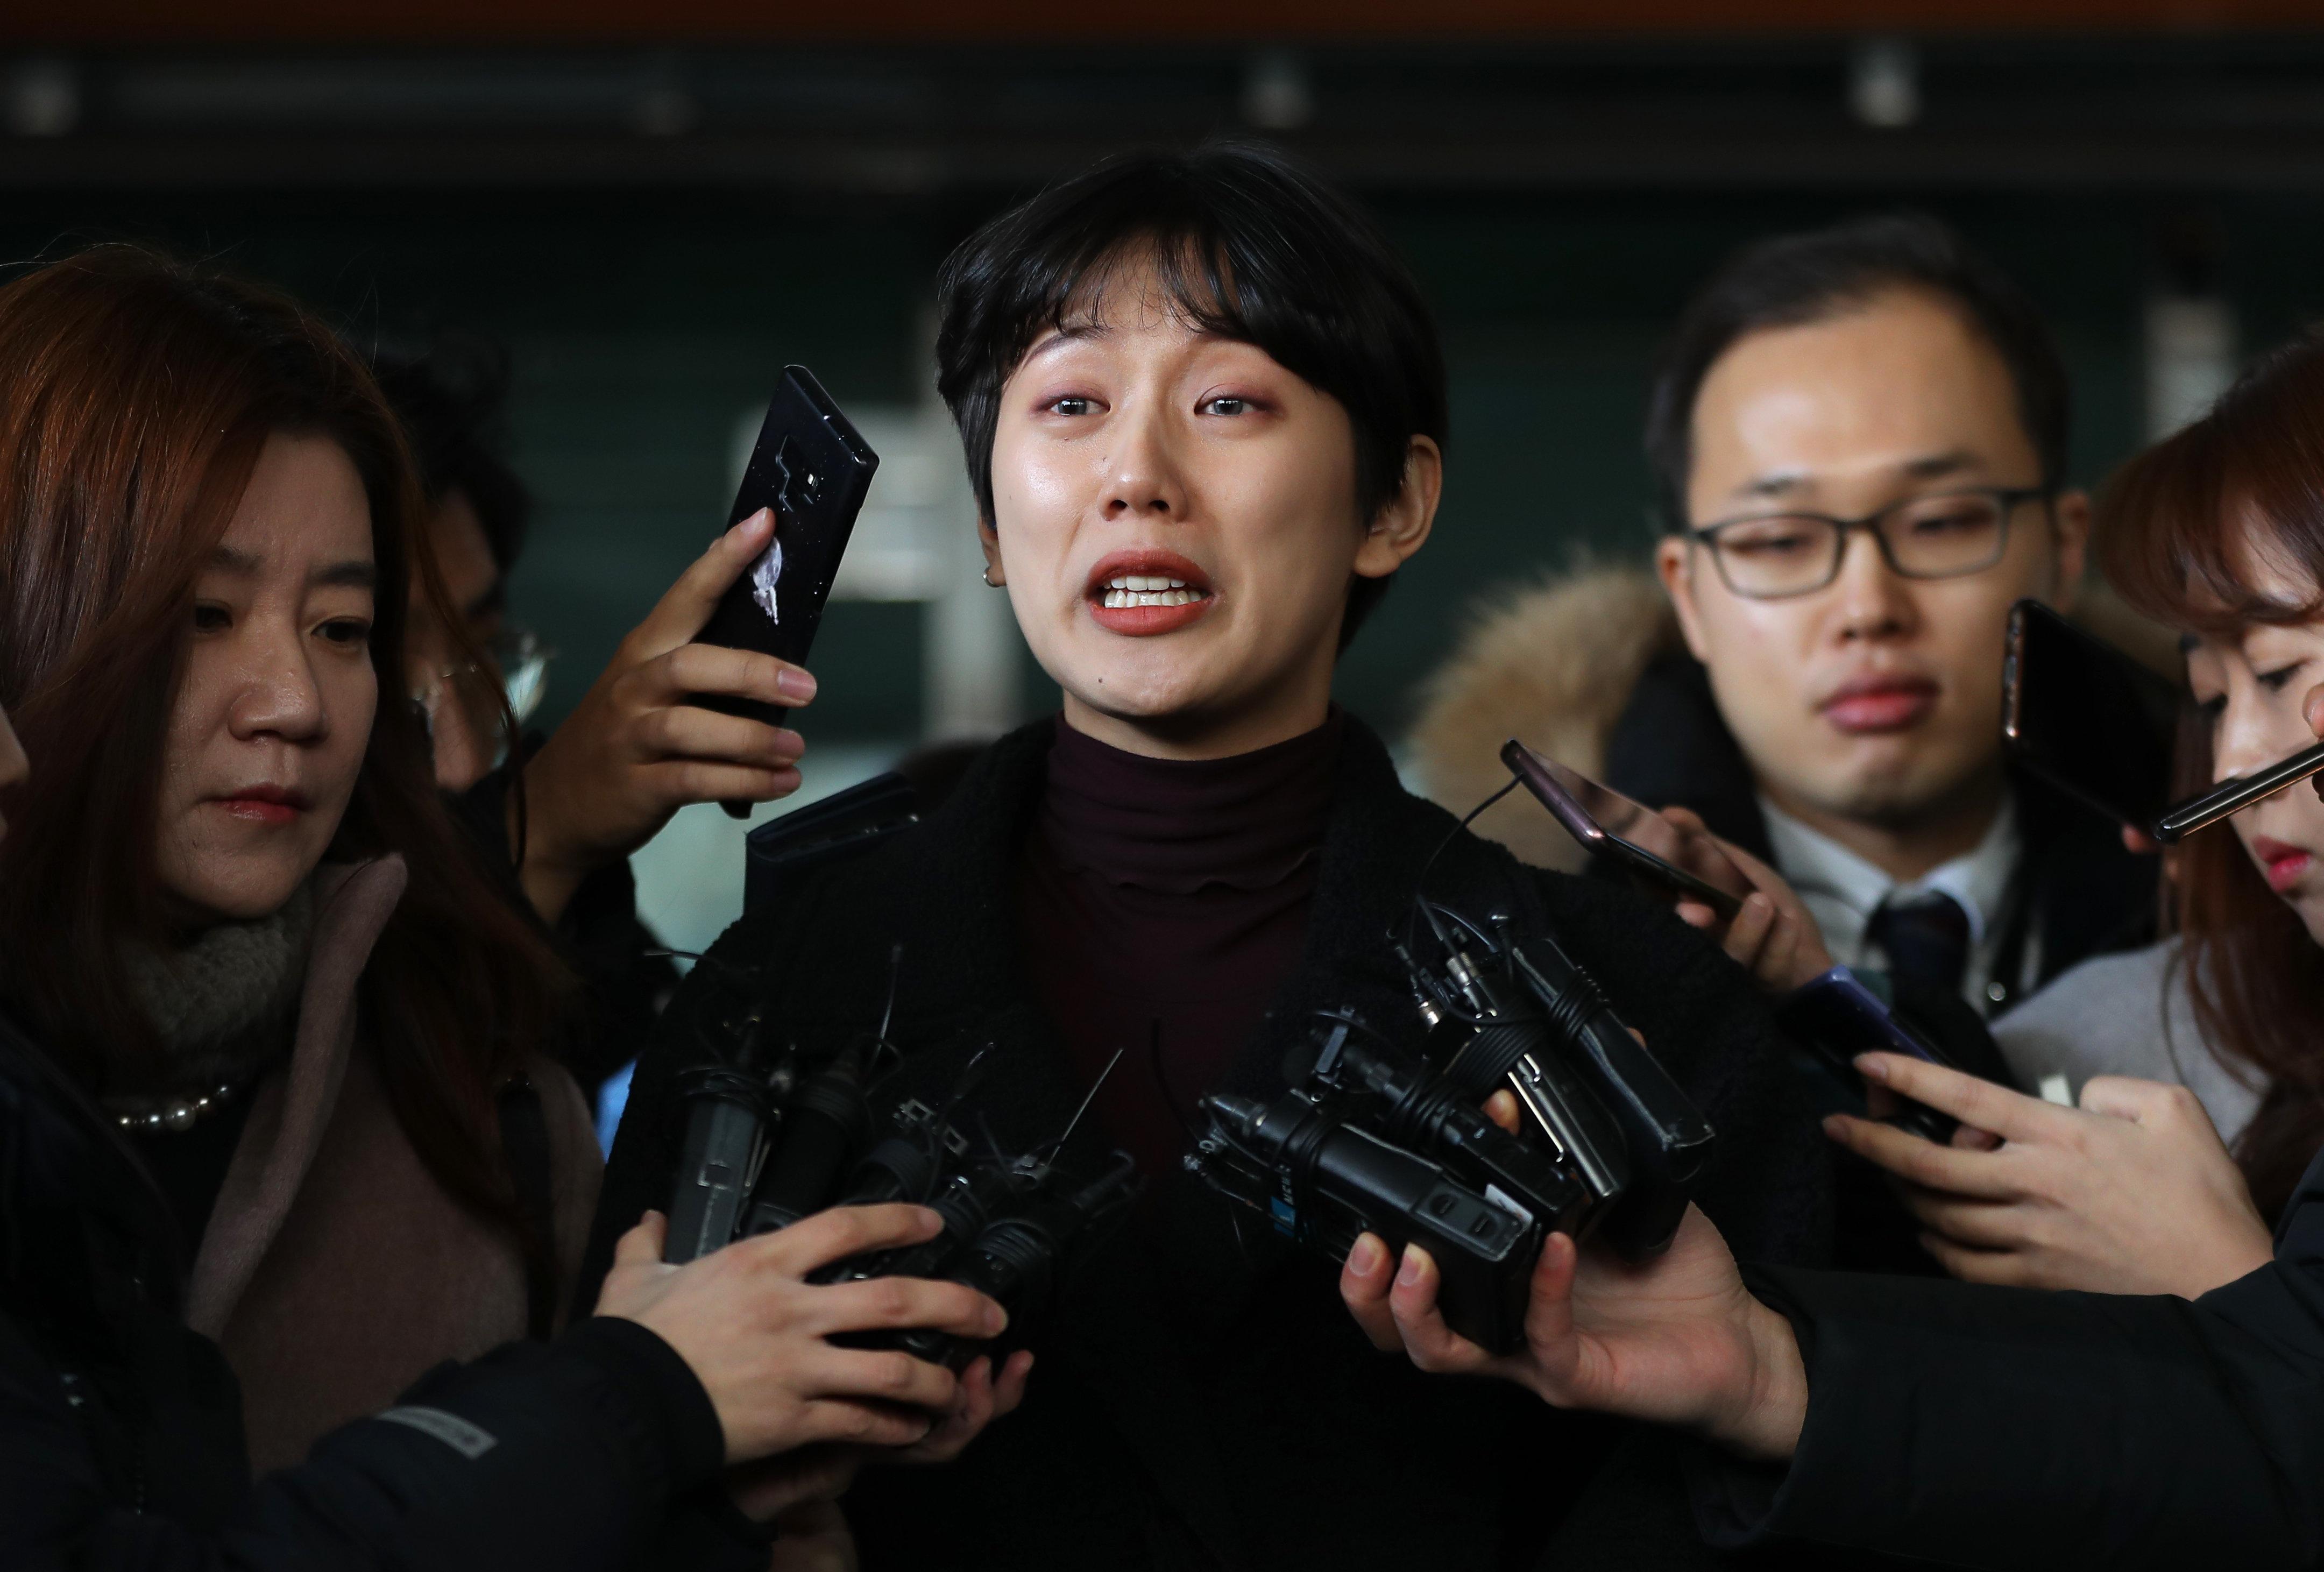 검찰이 무고 혐의로 고소당한 양예원에 대해 '무혐의' 판단을